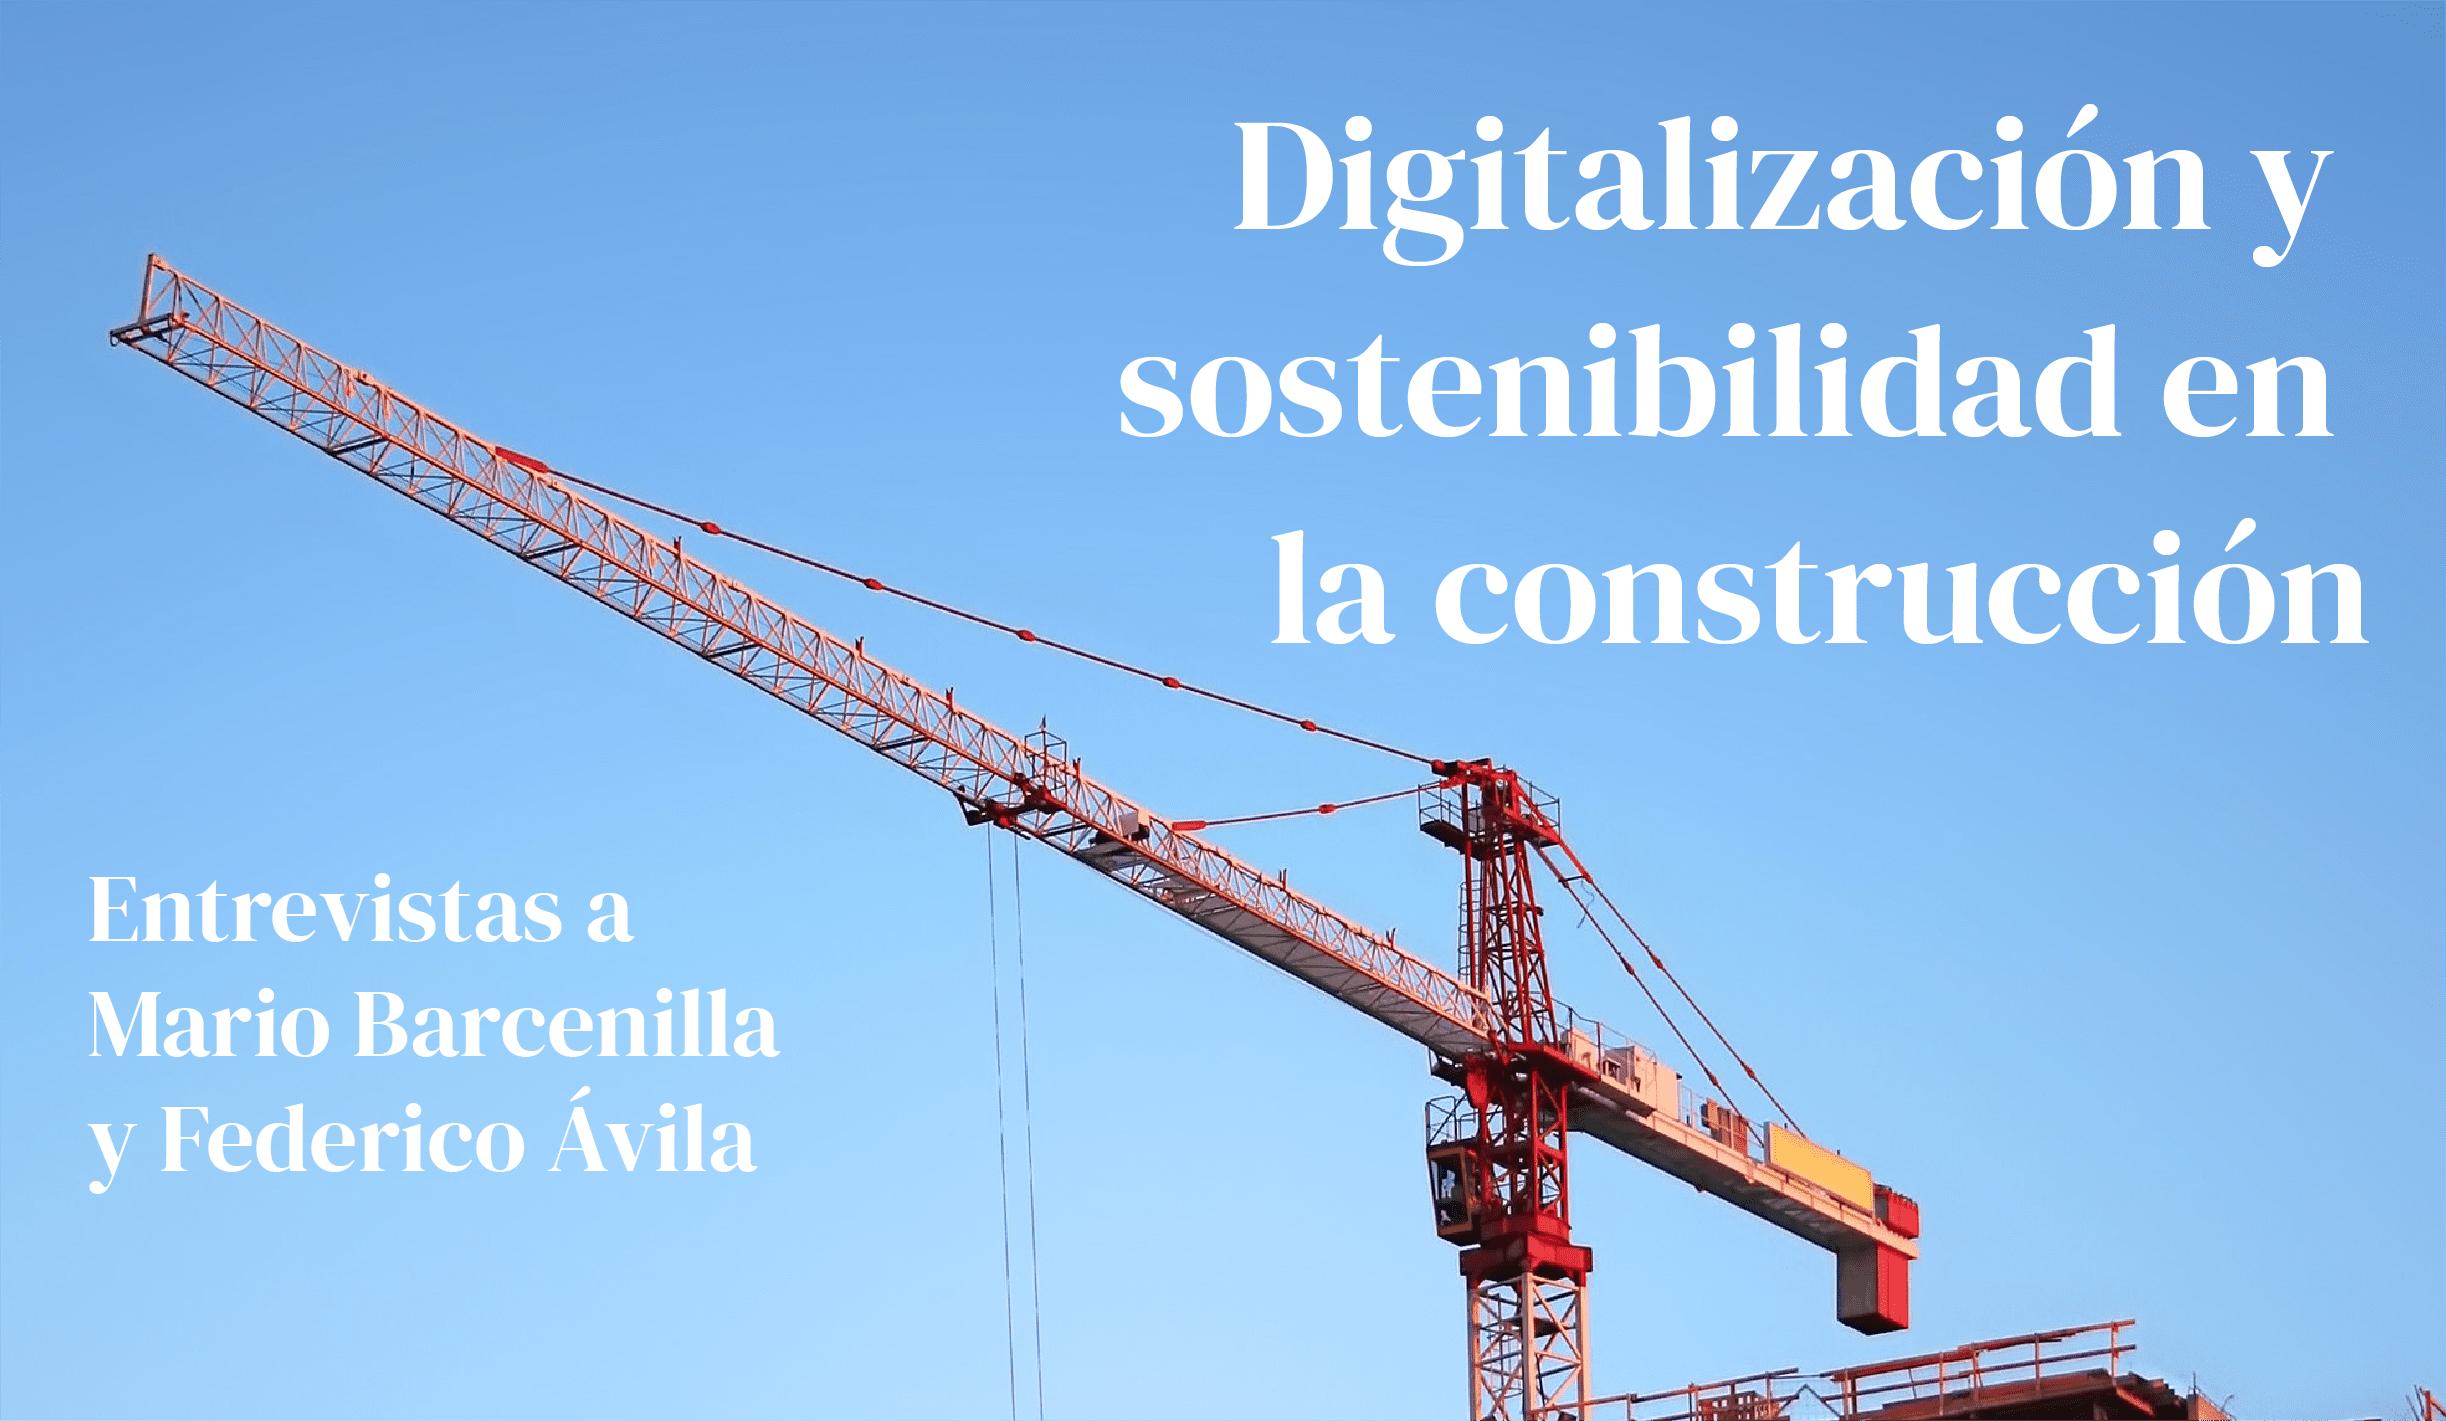 Digitalización y sostenibilidad en el sector de la construcción, con Mario Barcenilla y Federico Ávila